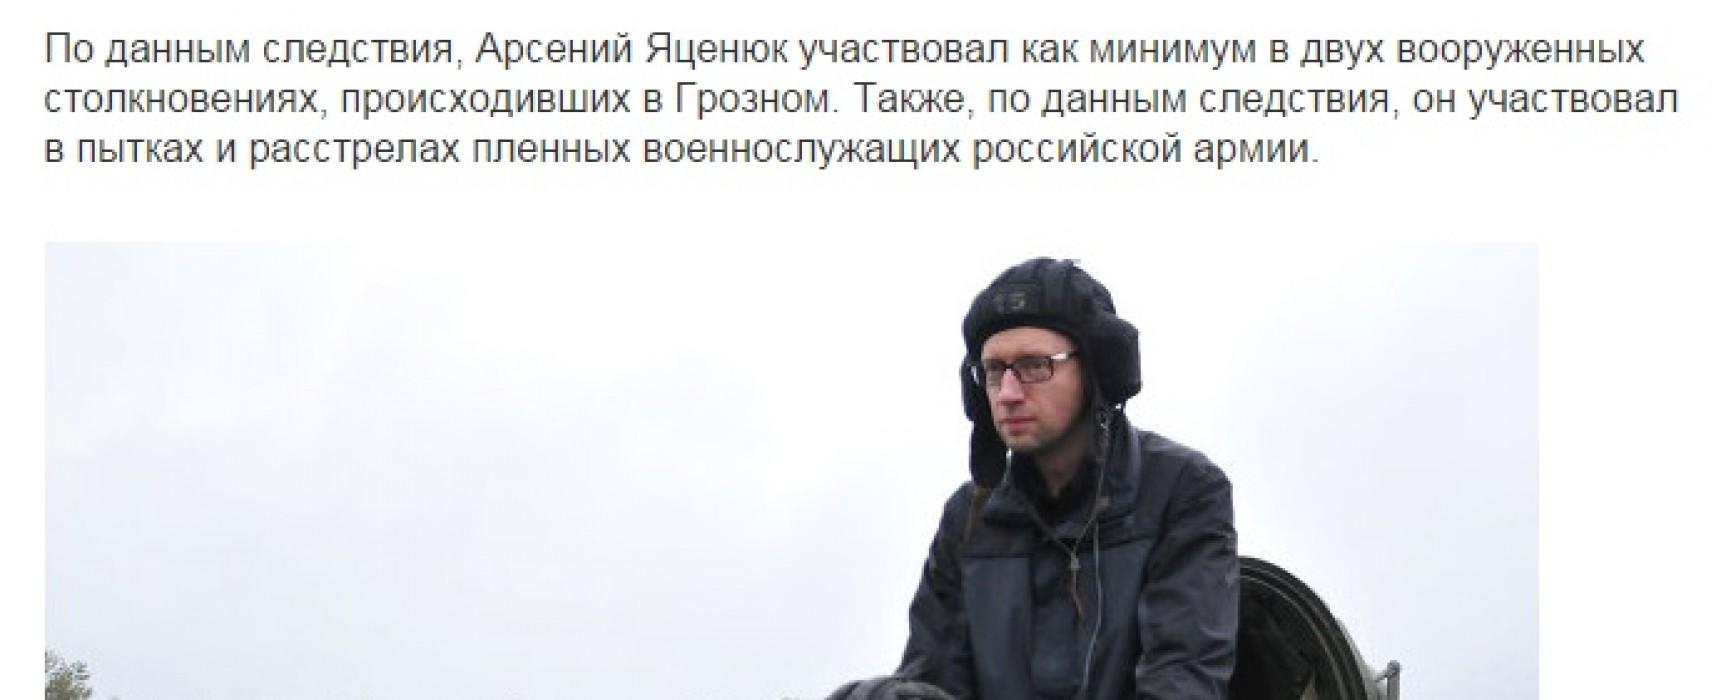 Яценюк участвовал в боевых действиях в Первой чеченской войне?